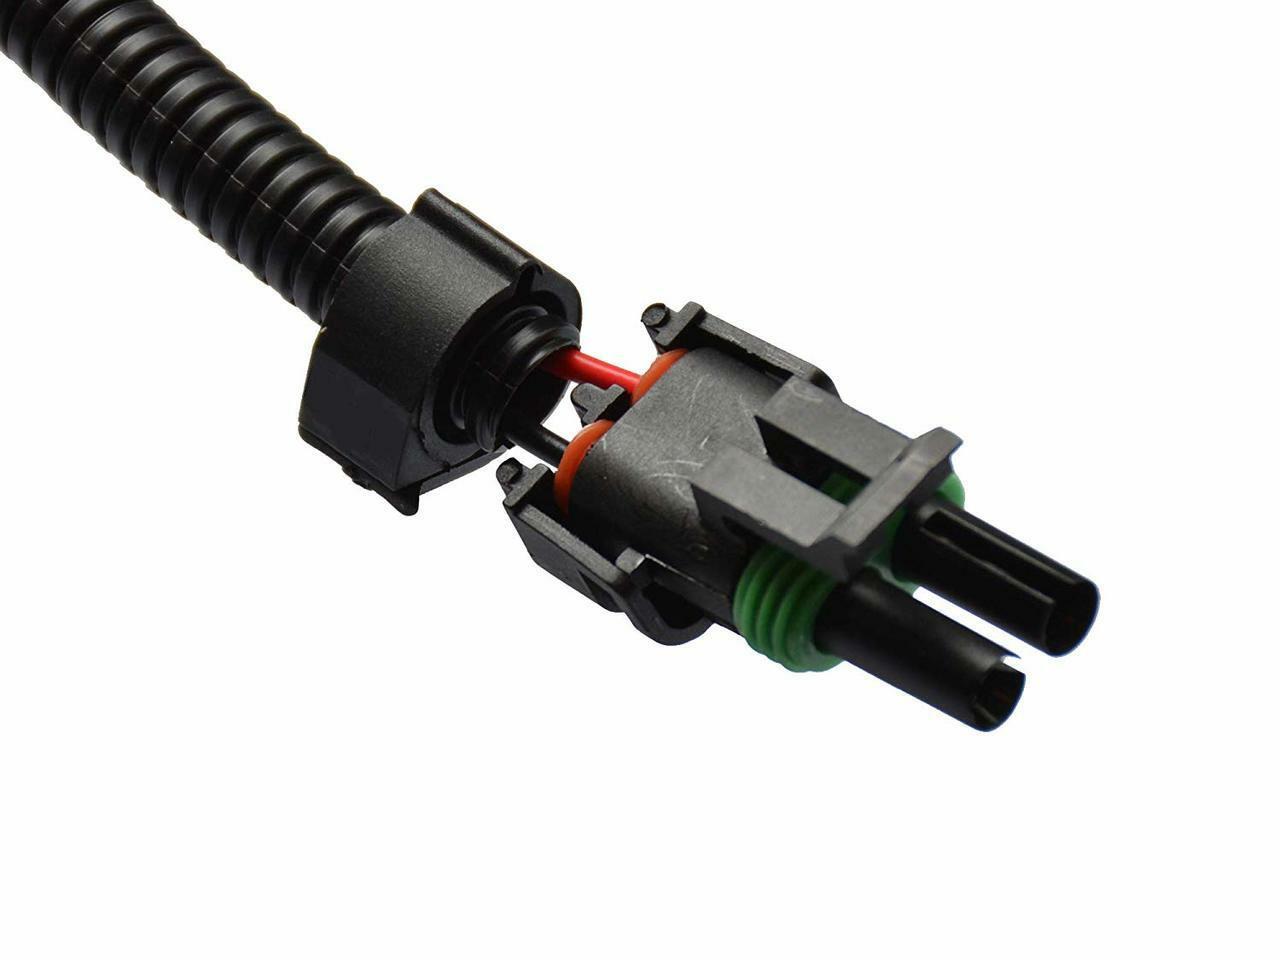 tpi tbi intake air temp sensor wiring harness iat l98 tuned port injection fits 1986  [ 1280 x 960 Pixel ]